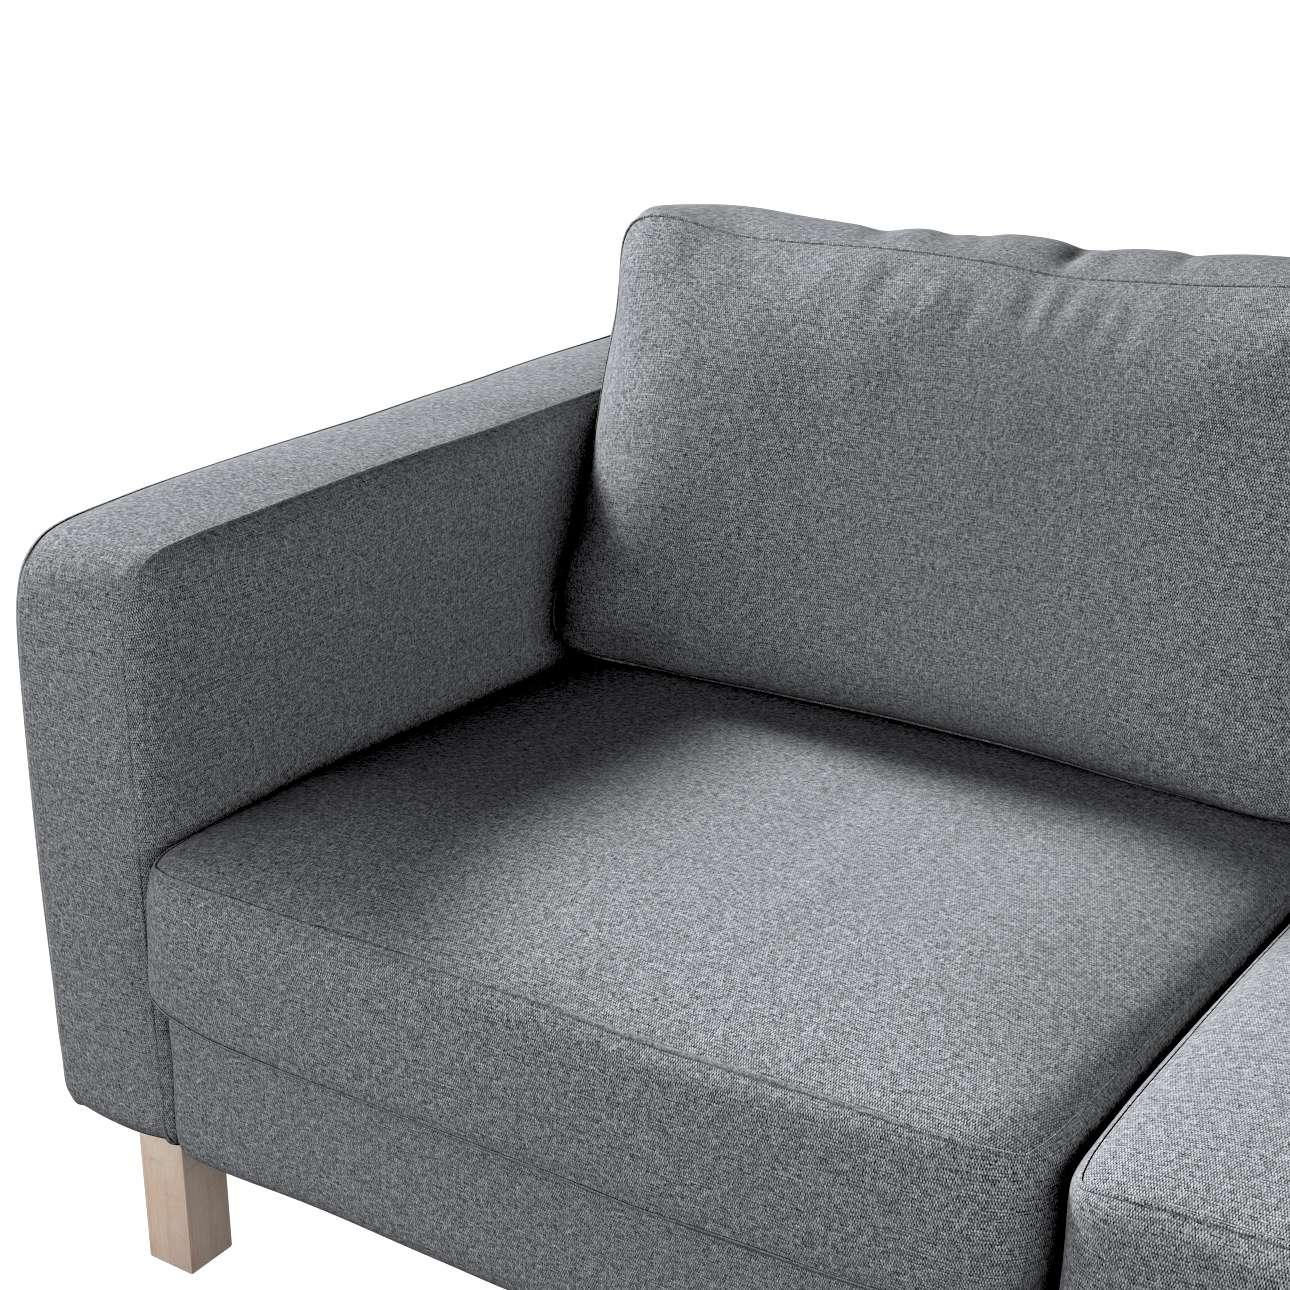 Potah na pohovku IKEA  Karlstad 2-místná, nerozkládací, krátký v kolekci Amsterdam, látka: 704-47